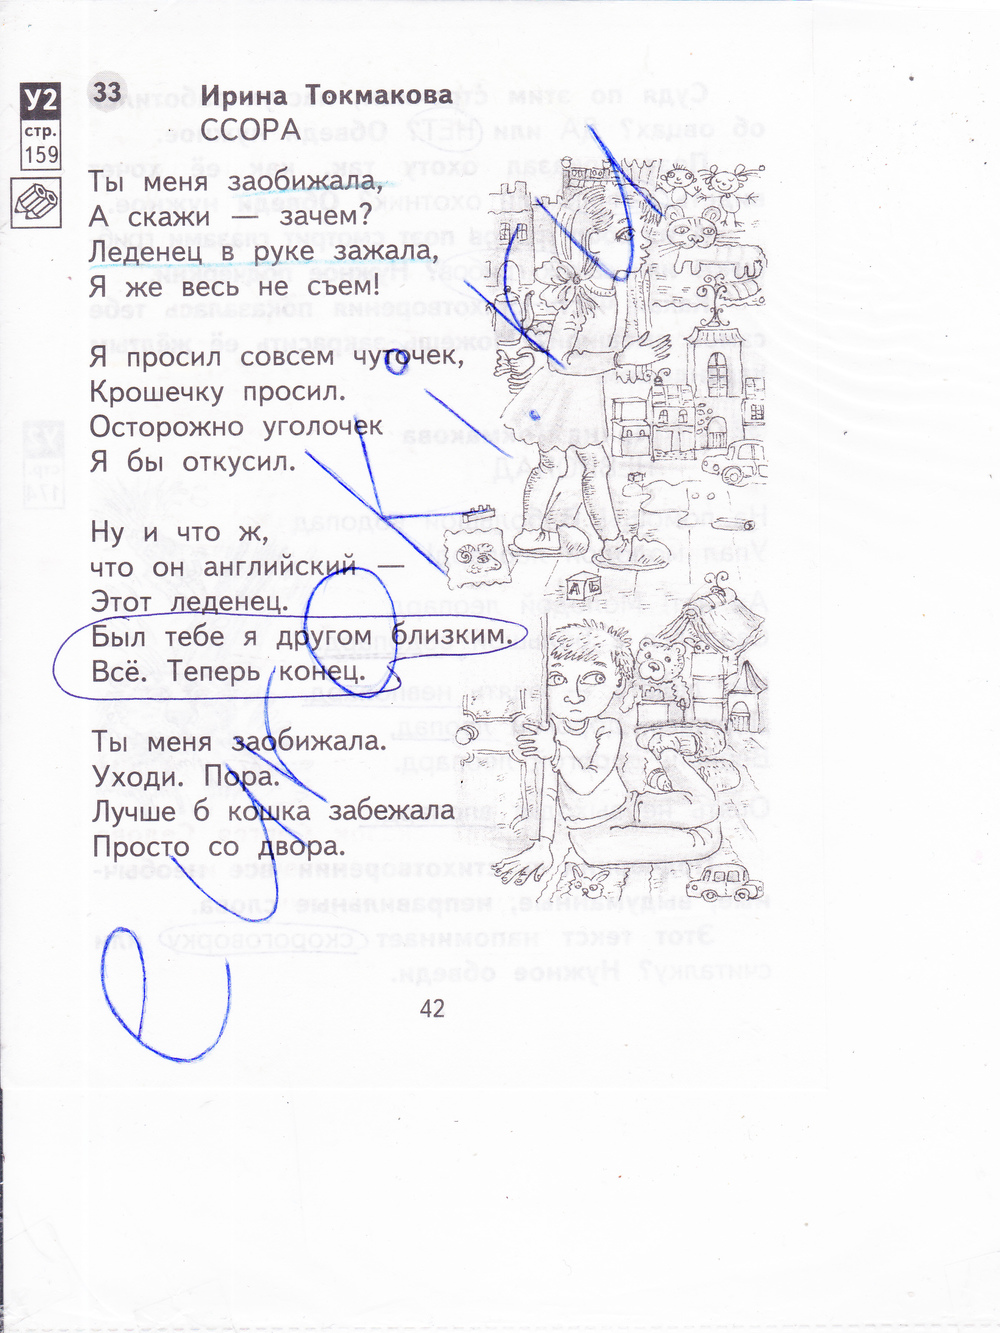 ГДЗ по литературному чтению 2 класс рабочая тетрадь Малаховская Часть 1, 2. Задание: стр. 42